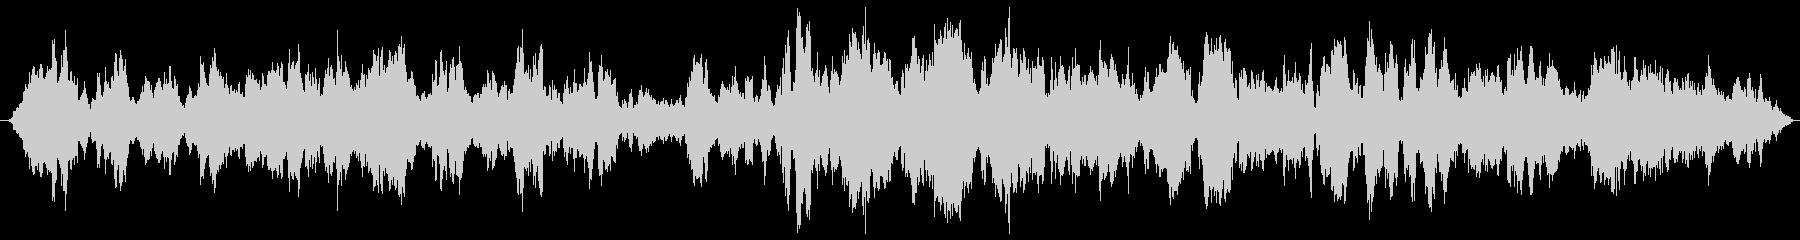 群集 応援ハッピーロング02の未再生の波形